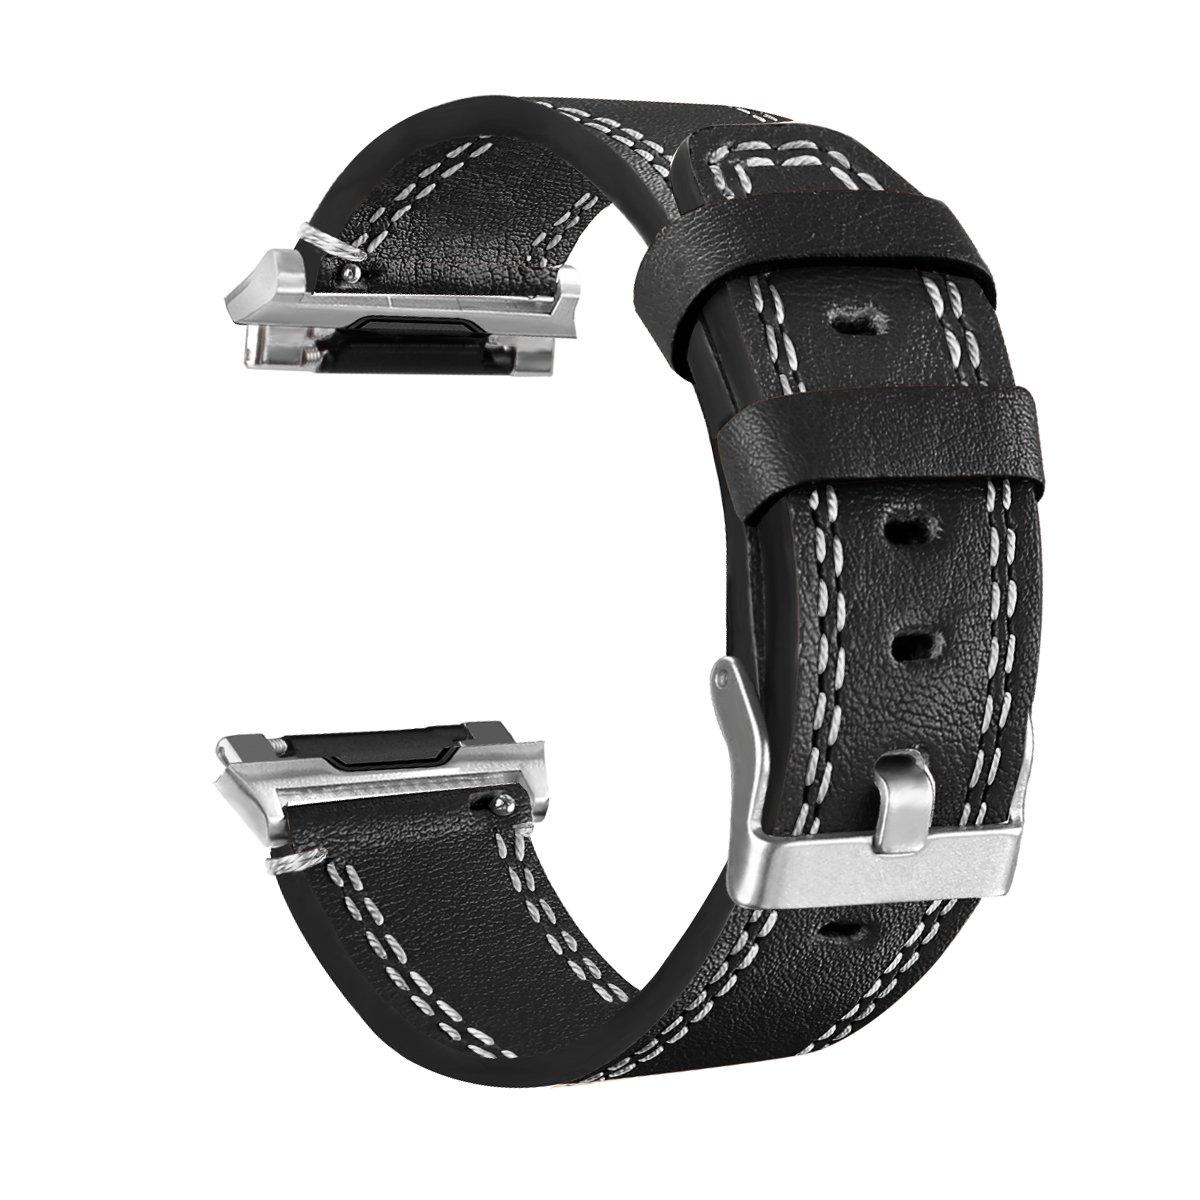 Fitbit Ionicスマートウォッチバンド、J & D [クラシックシリーズ]本革交換用ストラップ手首バンドfor Fitbit Ionic Fitbit Ionic watch Band  ブラック B076MF74K4